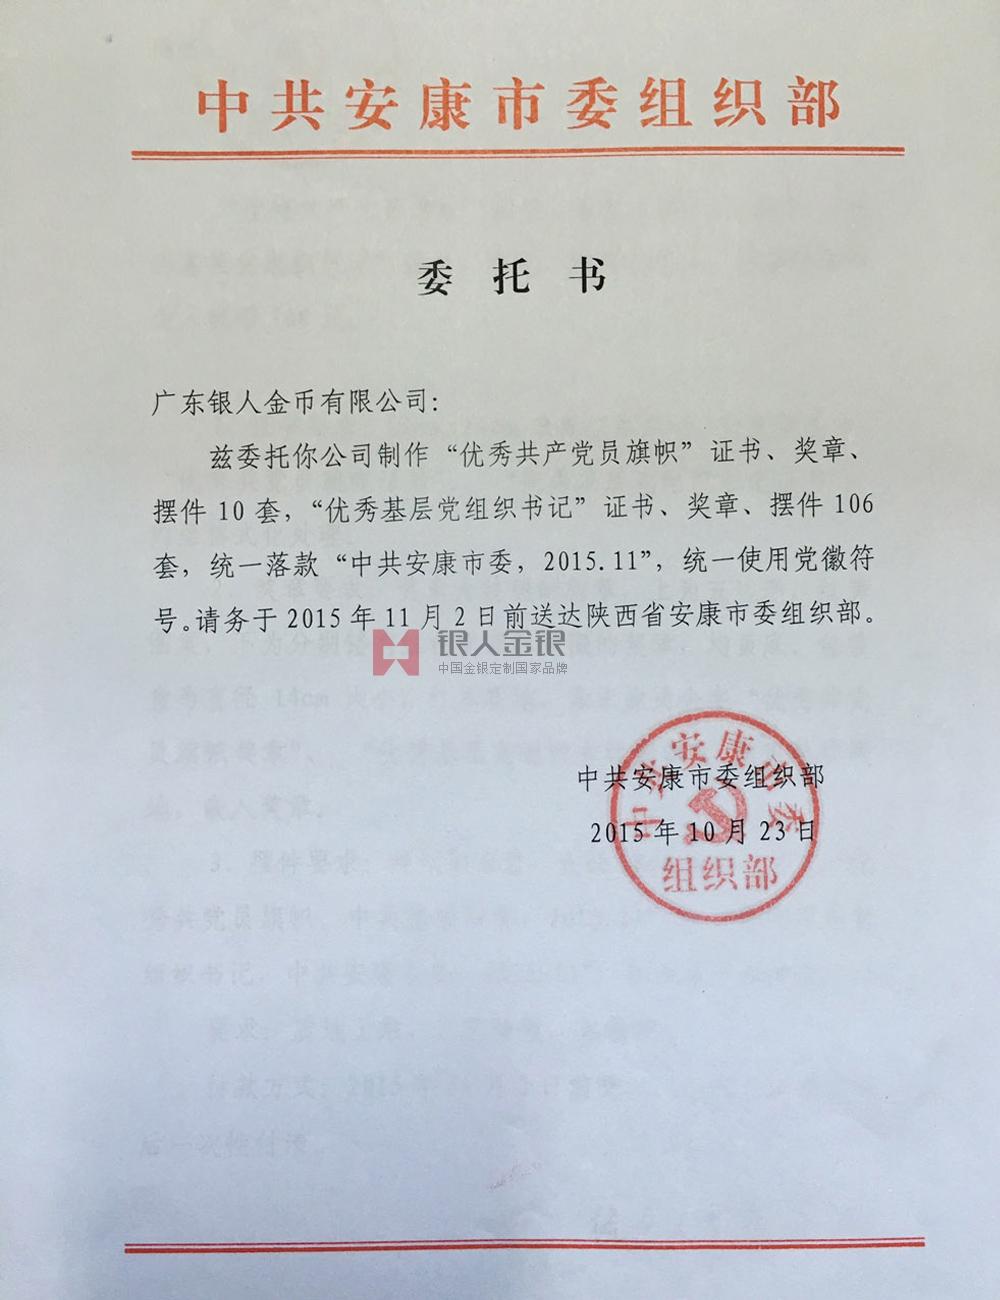 中共安康市委优秀共产党员奖章万博体育app官方下载